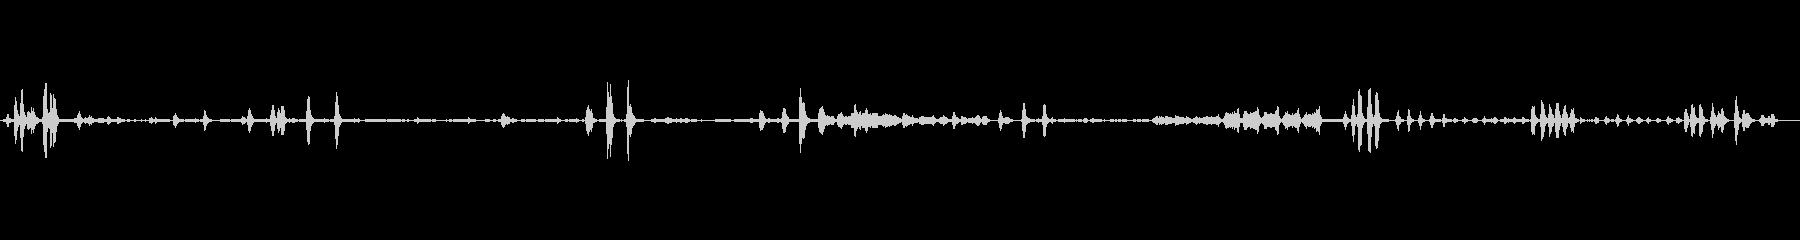 ヒヨドリ6 ソロ 使い易い~早朝生録音の未再生の波形